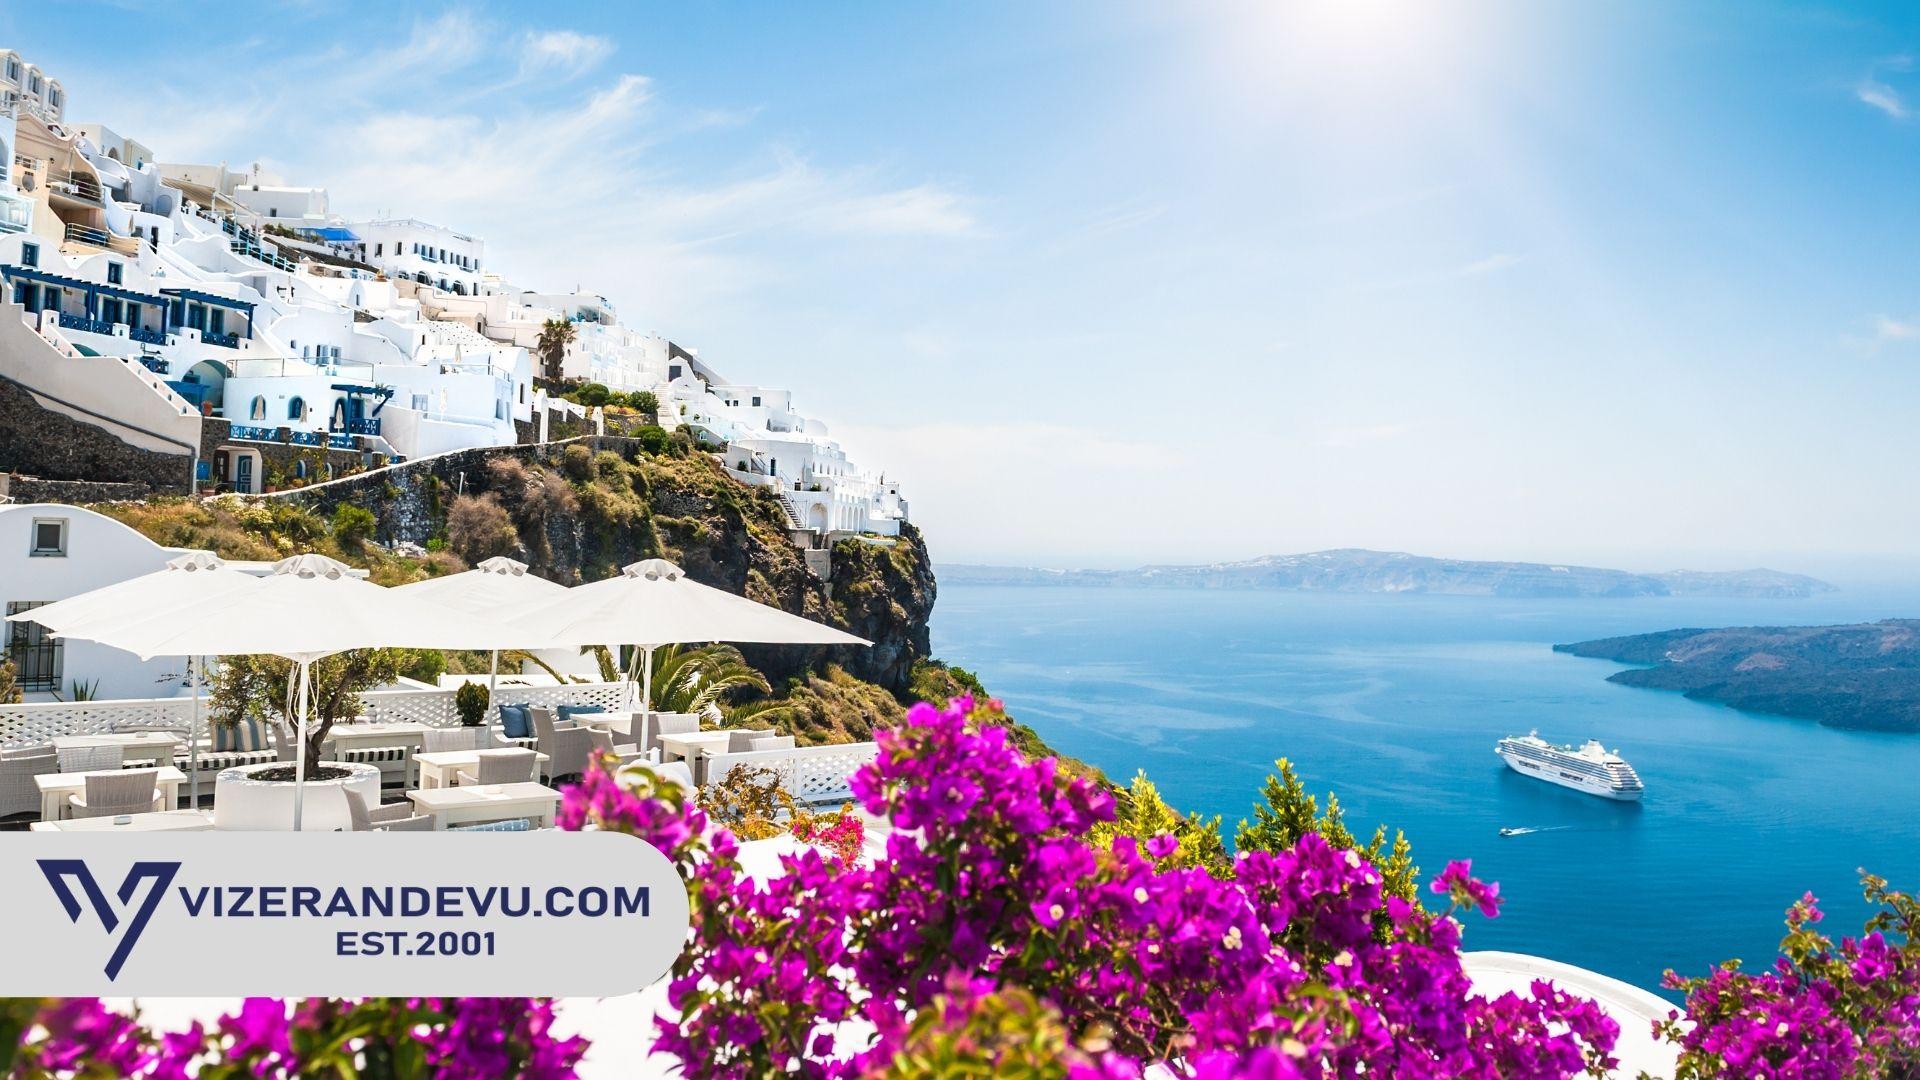 Yunanistan Oturum ve Vatandaşlık Başvurusu